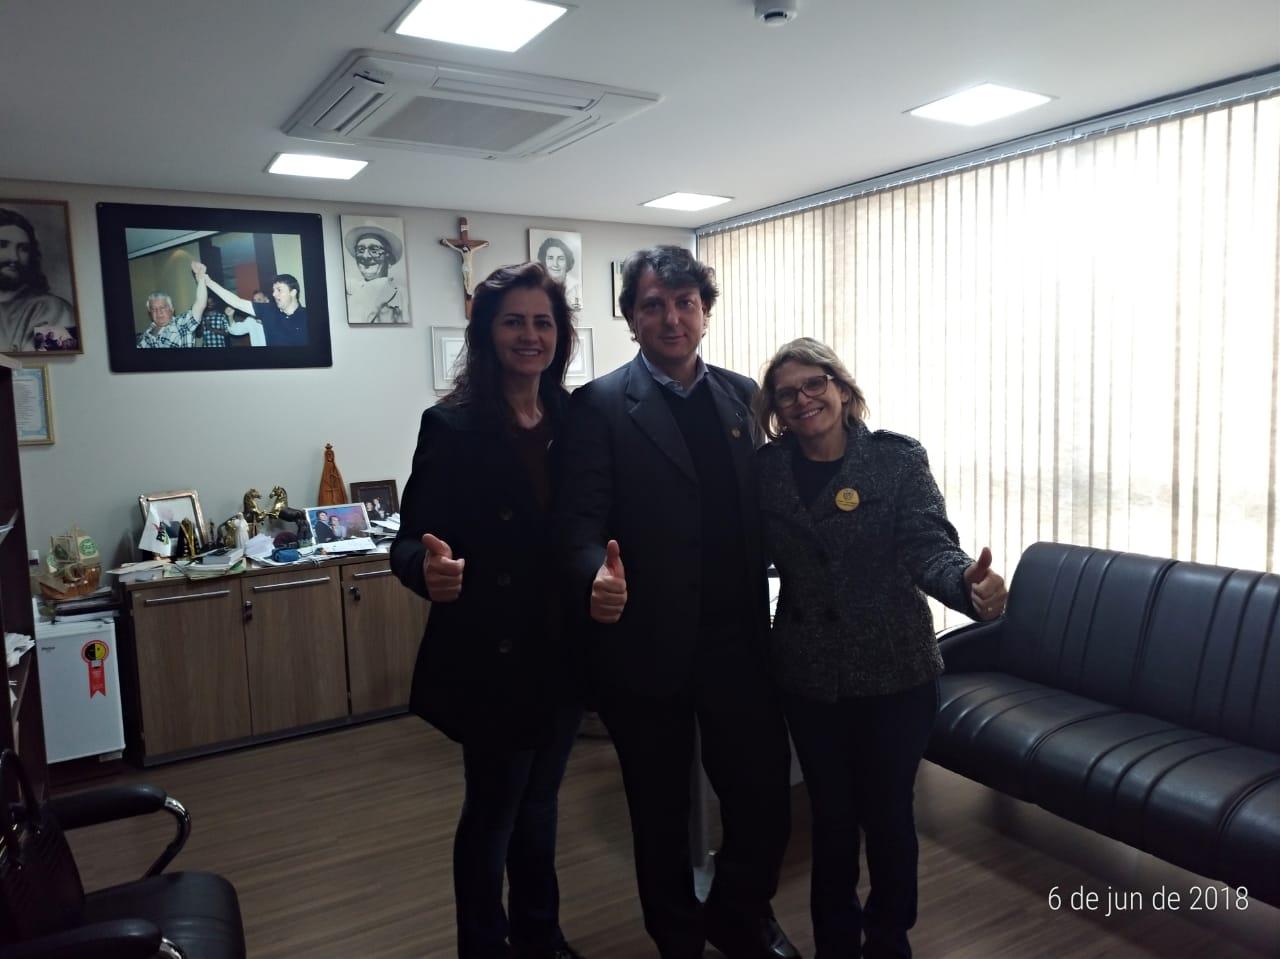 Anibelli Neto recebe a visita das vereadoras do MDB de Tuneiras do Oeste